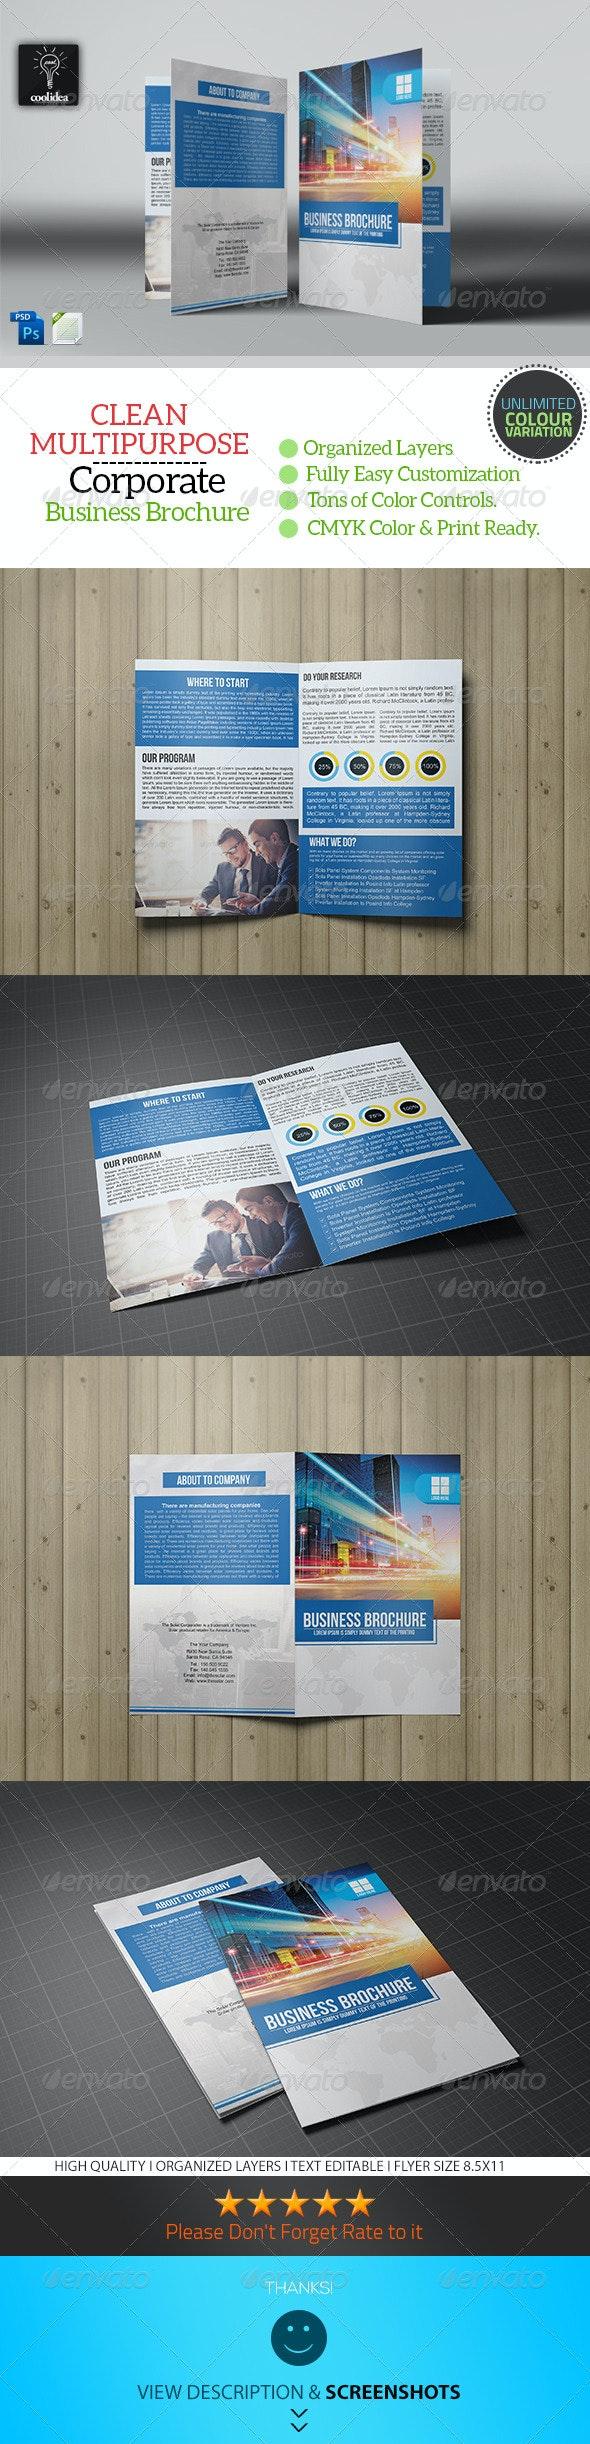 Business Brochure Bifold Template Vol03 - Corporate Brochures